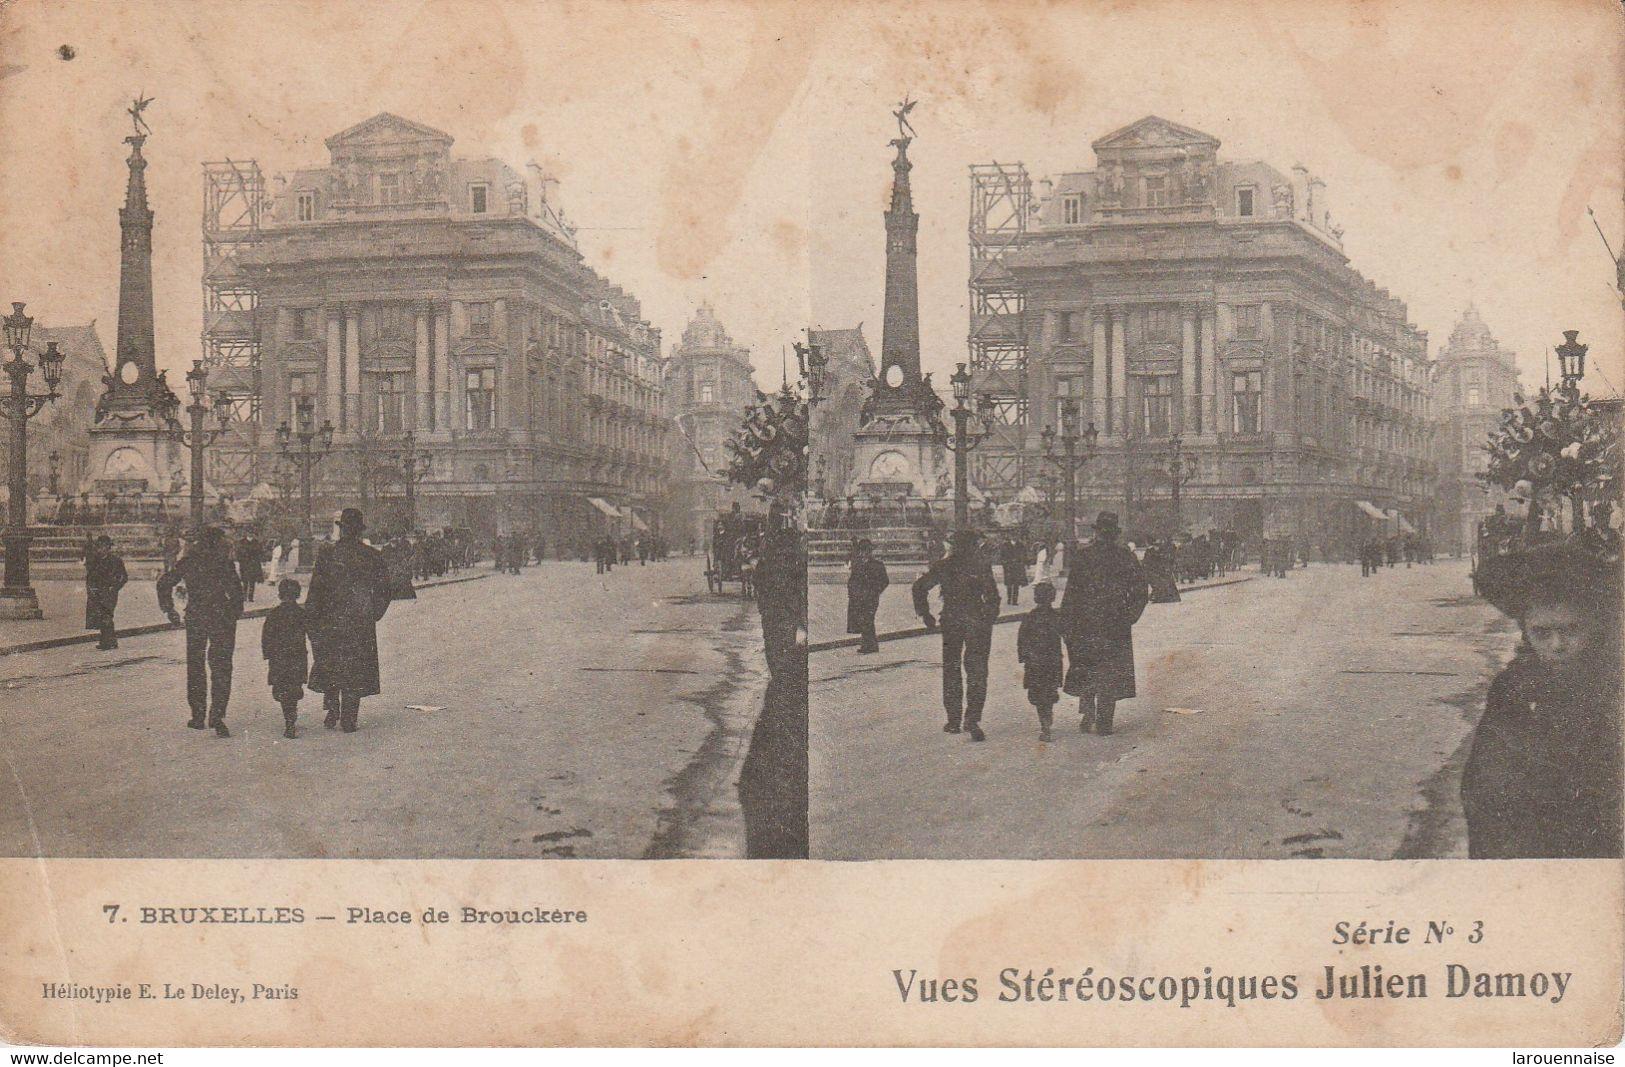 Belgique - BRUXELLES - Place De Brouckere -  Vues Stéréoscopiques Julien Damoy - Cartoline Stereoscopiche